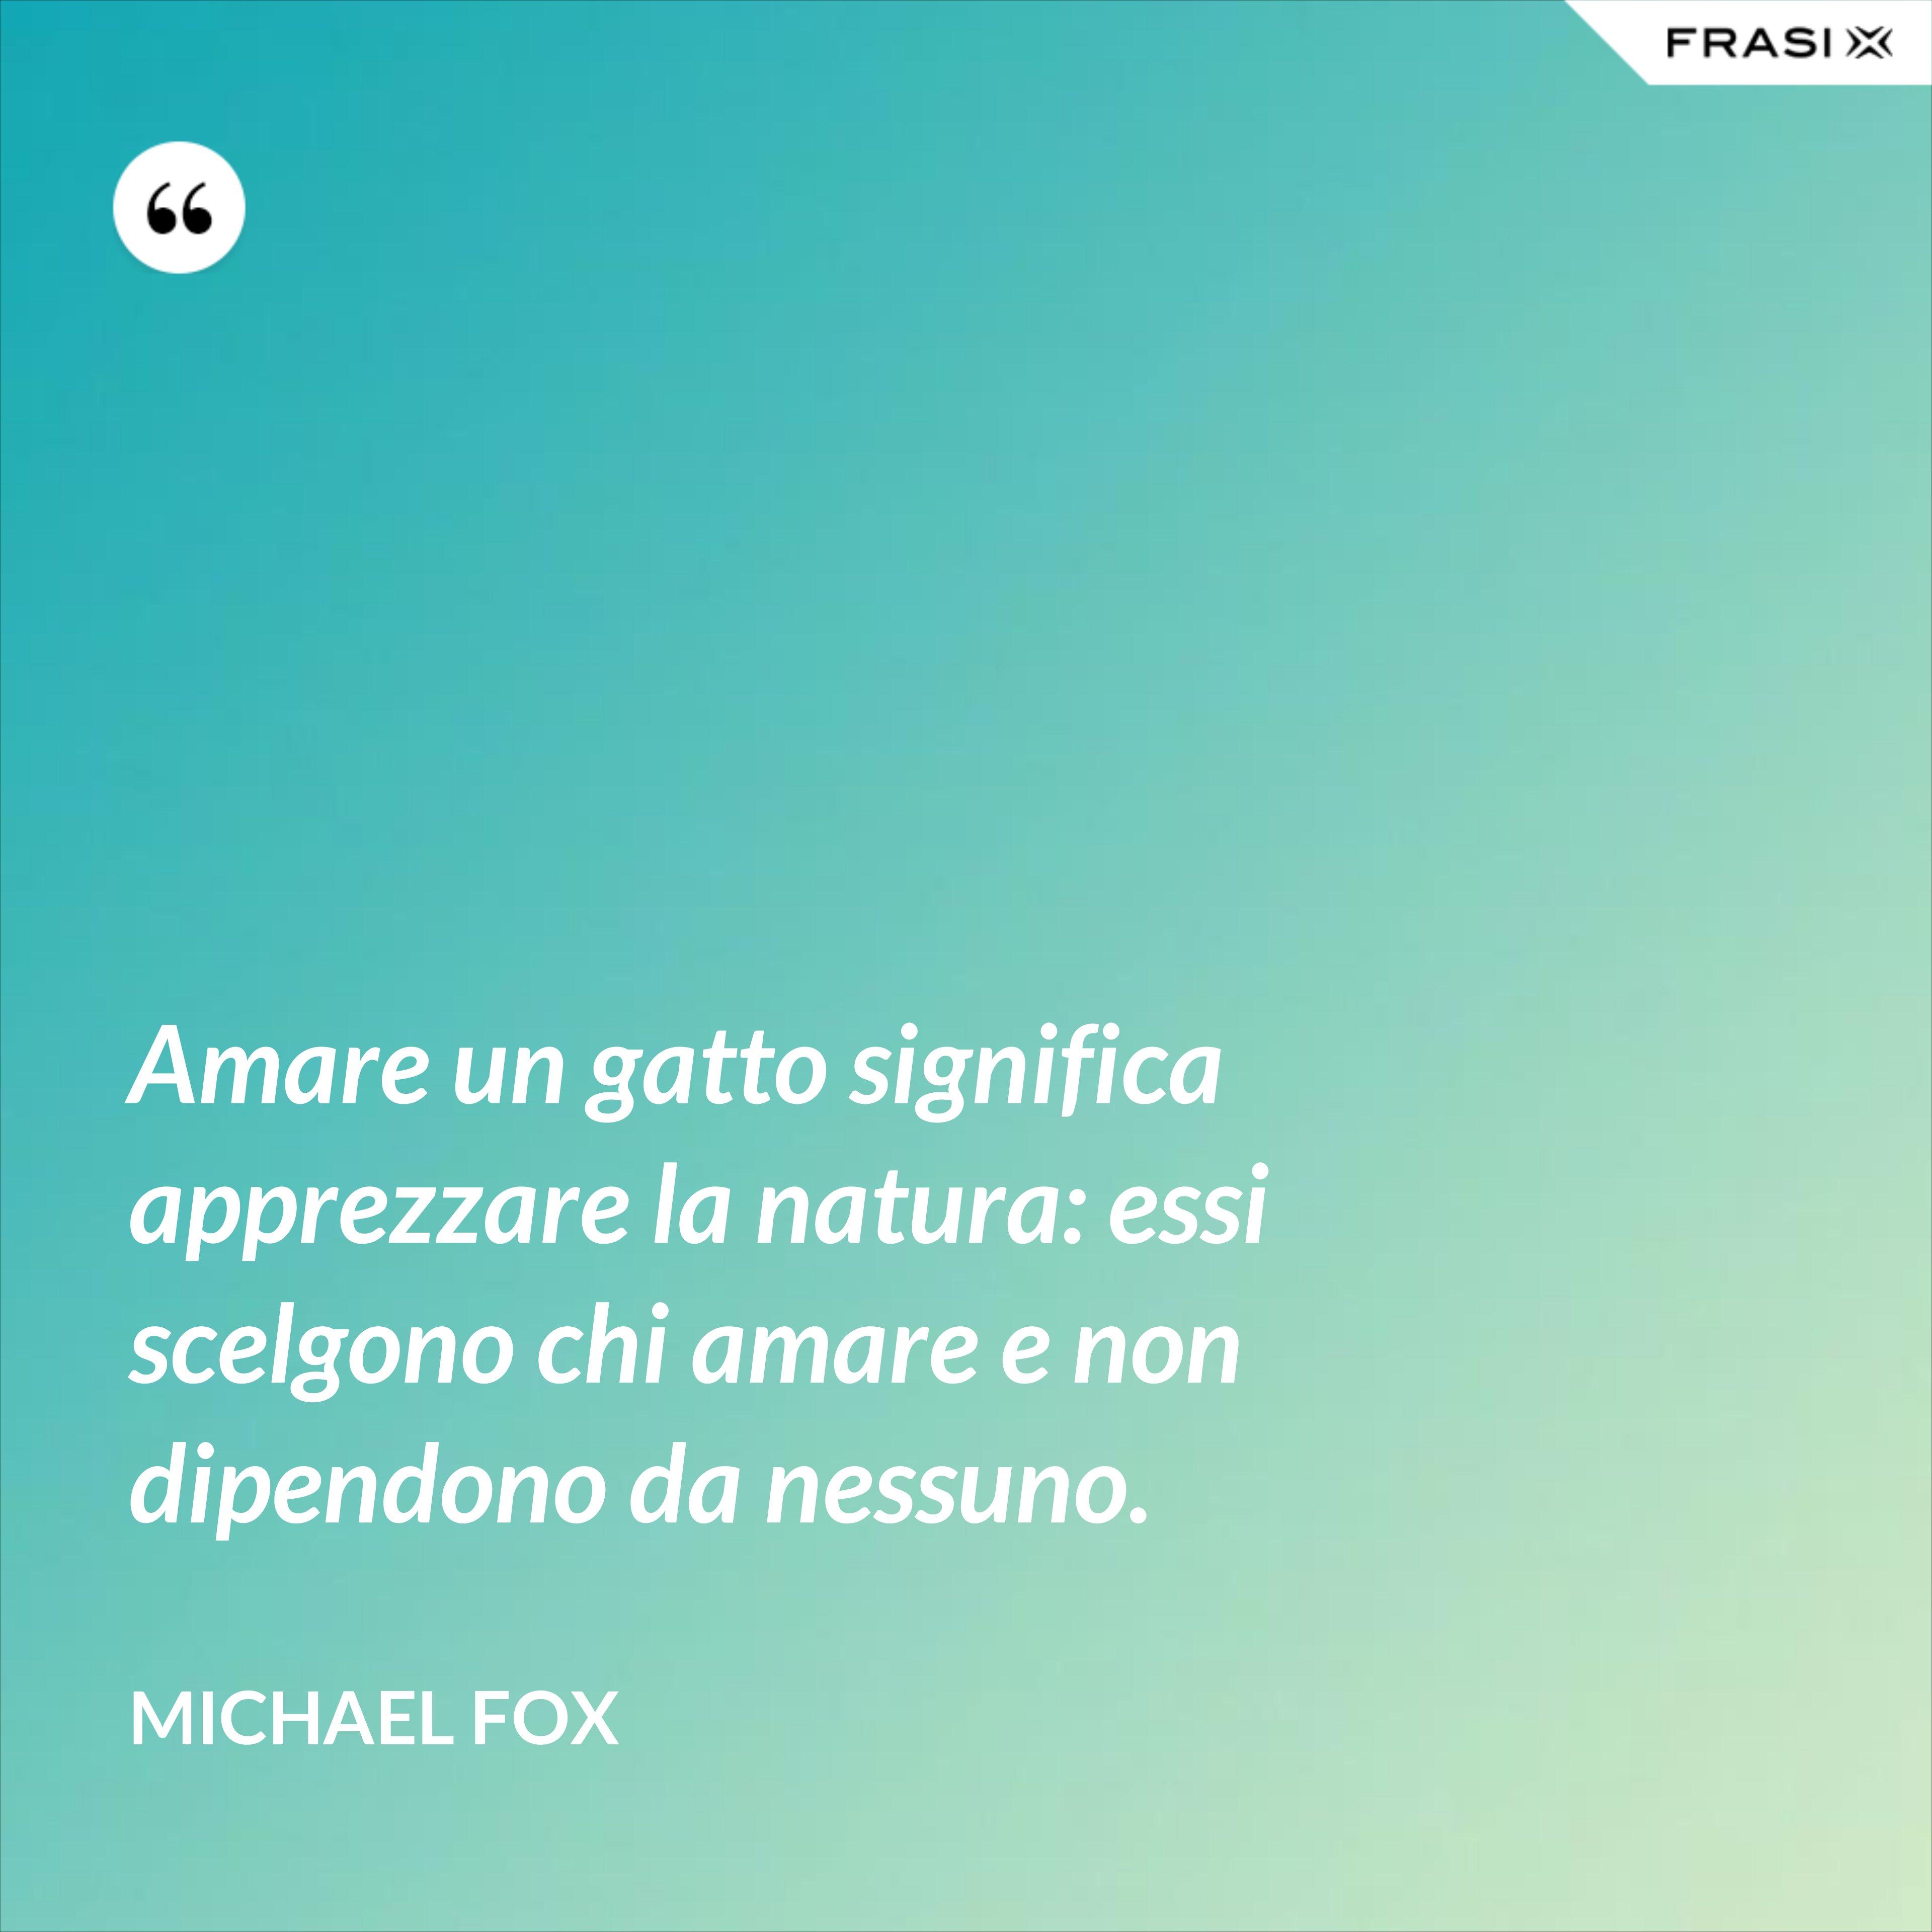 Amare un gatto significa apprezzare la natura: essi scelgono chi amare e non dipendono da nessuno. - Michael Fox